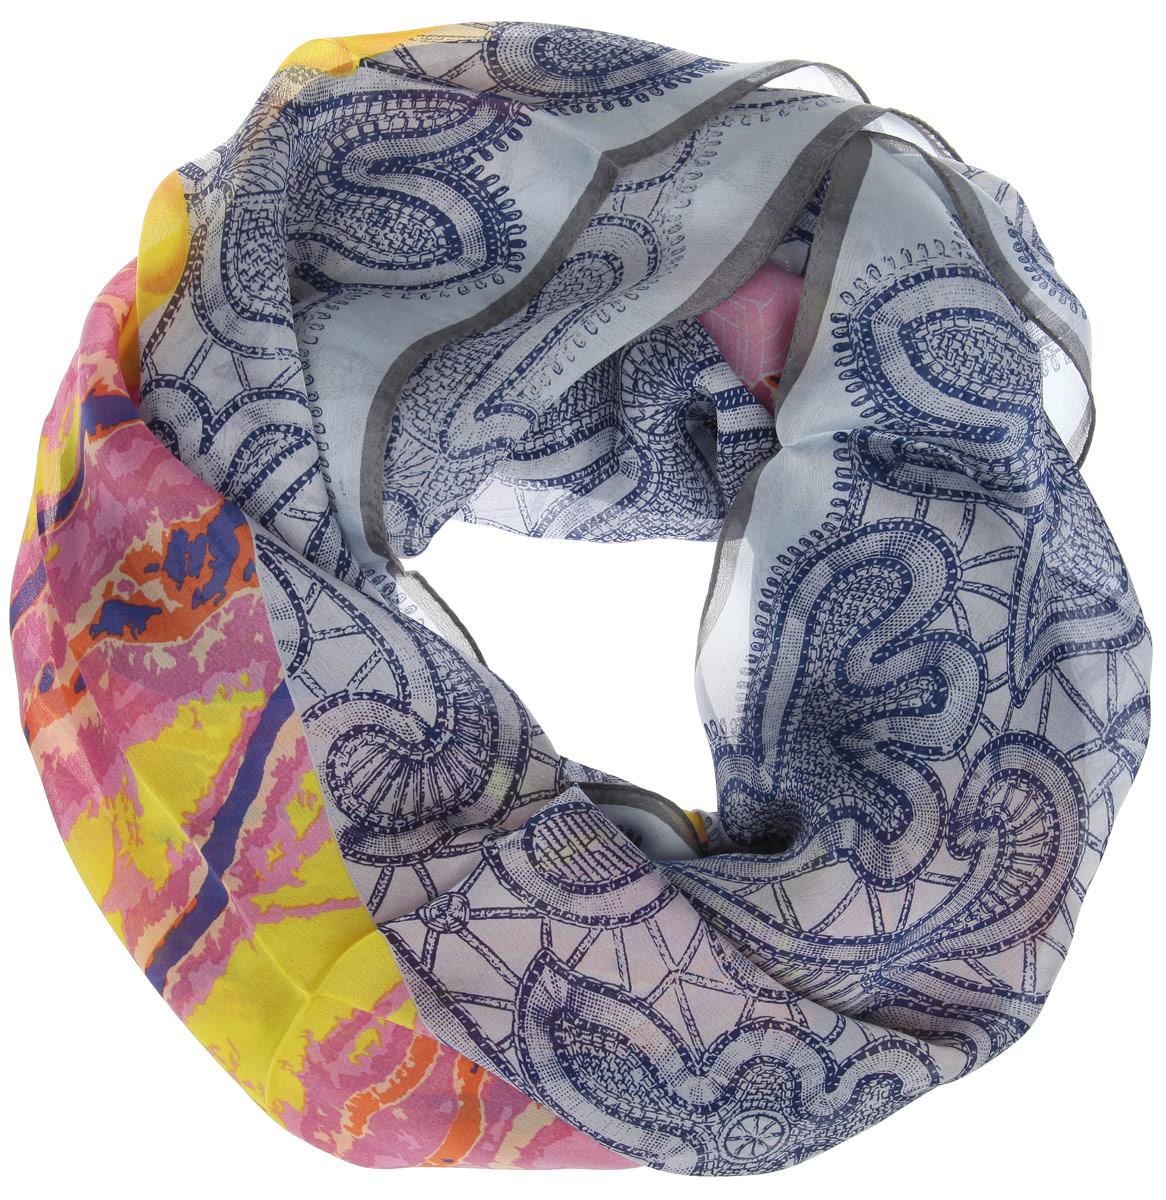 Платок216112-1IСтильный женский платок Moltini станет великолепным завершением любого наряда. Платок изготовлен из 100% шелка и оформлен оригинальным орнаментом. Классическая квадратная форма позволяет носить платок на шее, украшать им прическу или декорировать сумочку. Такой платок превосходно дополнит любой наряд и подчеркнет ваш неповторимый вкус и элегантность.